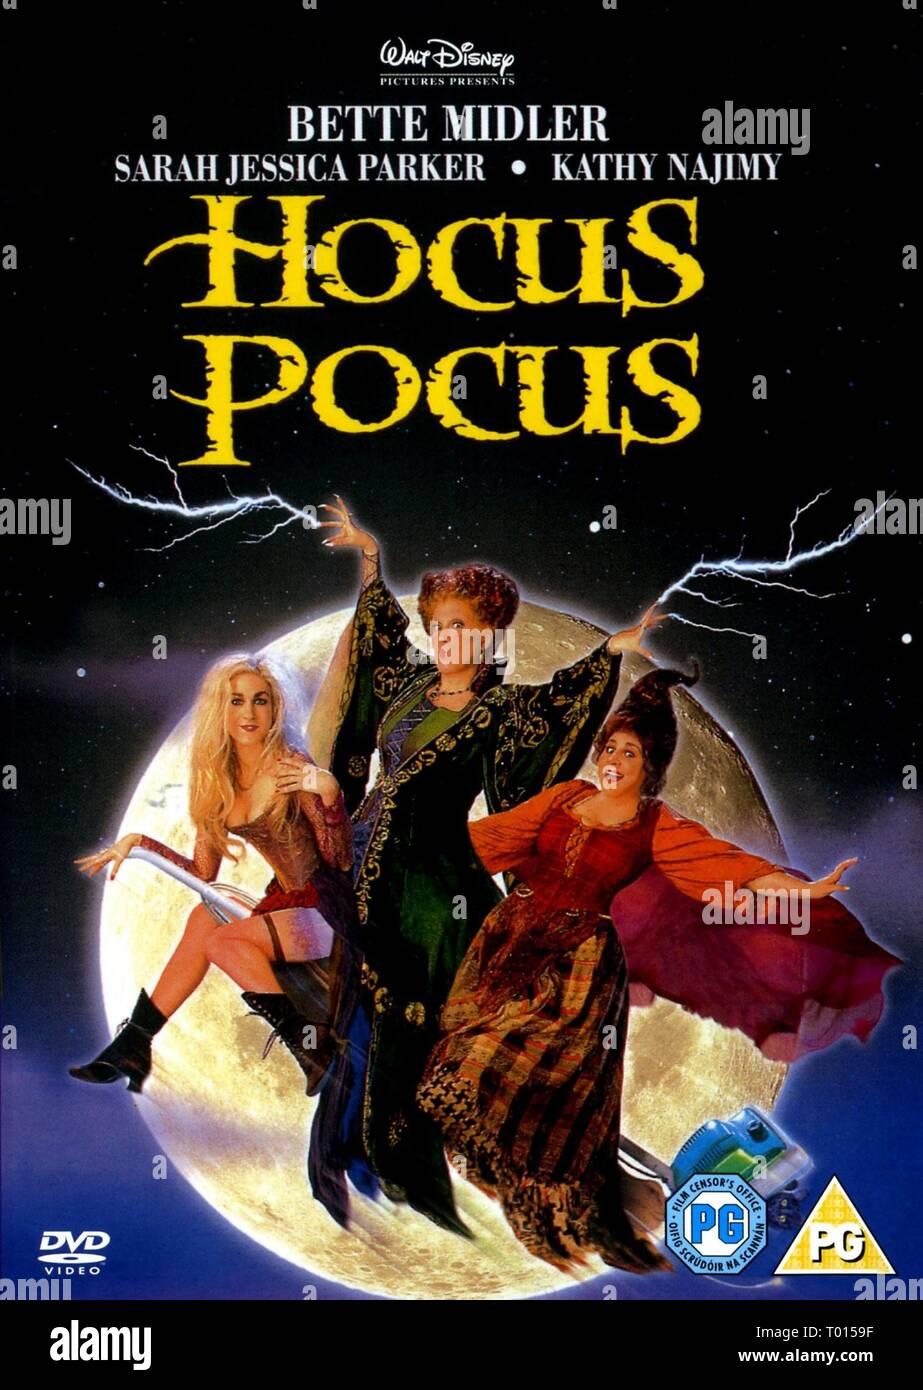 hocus pocus the movie full movie